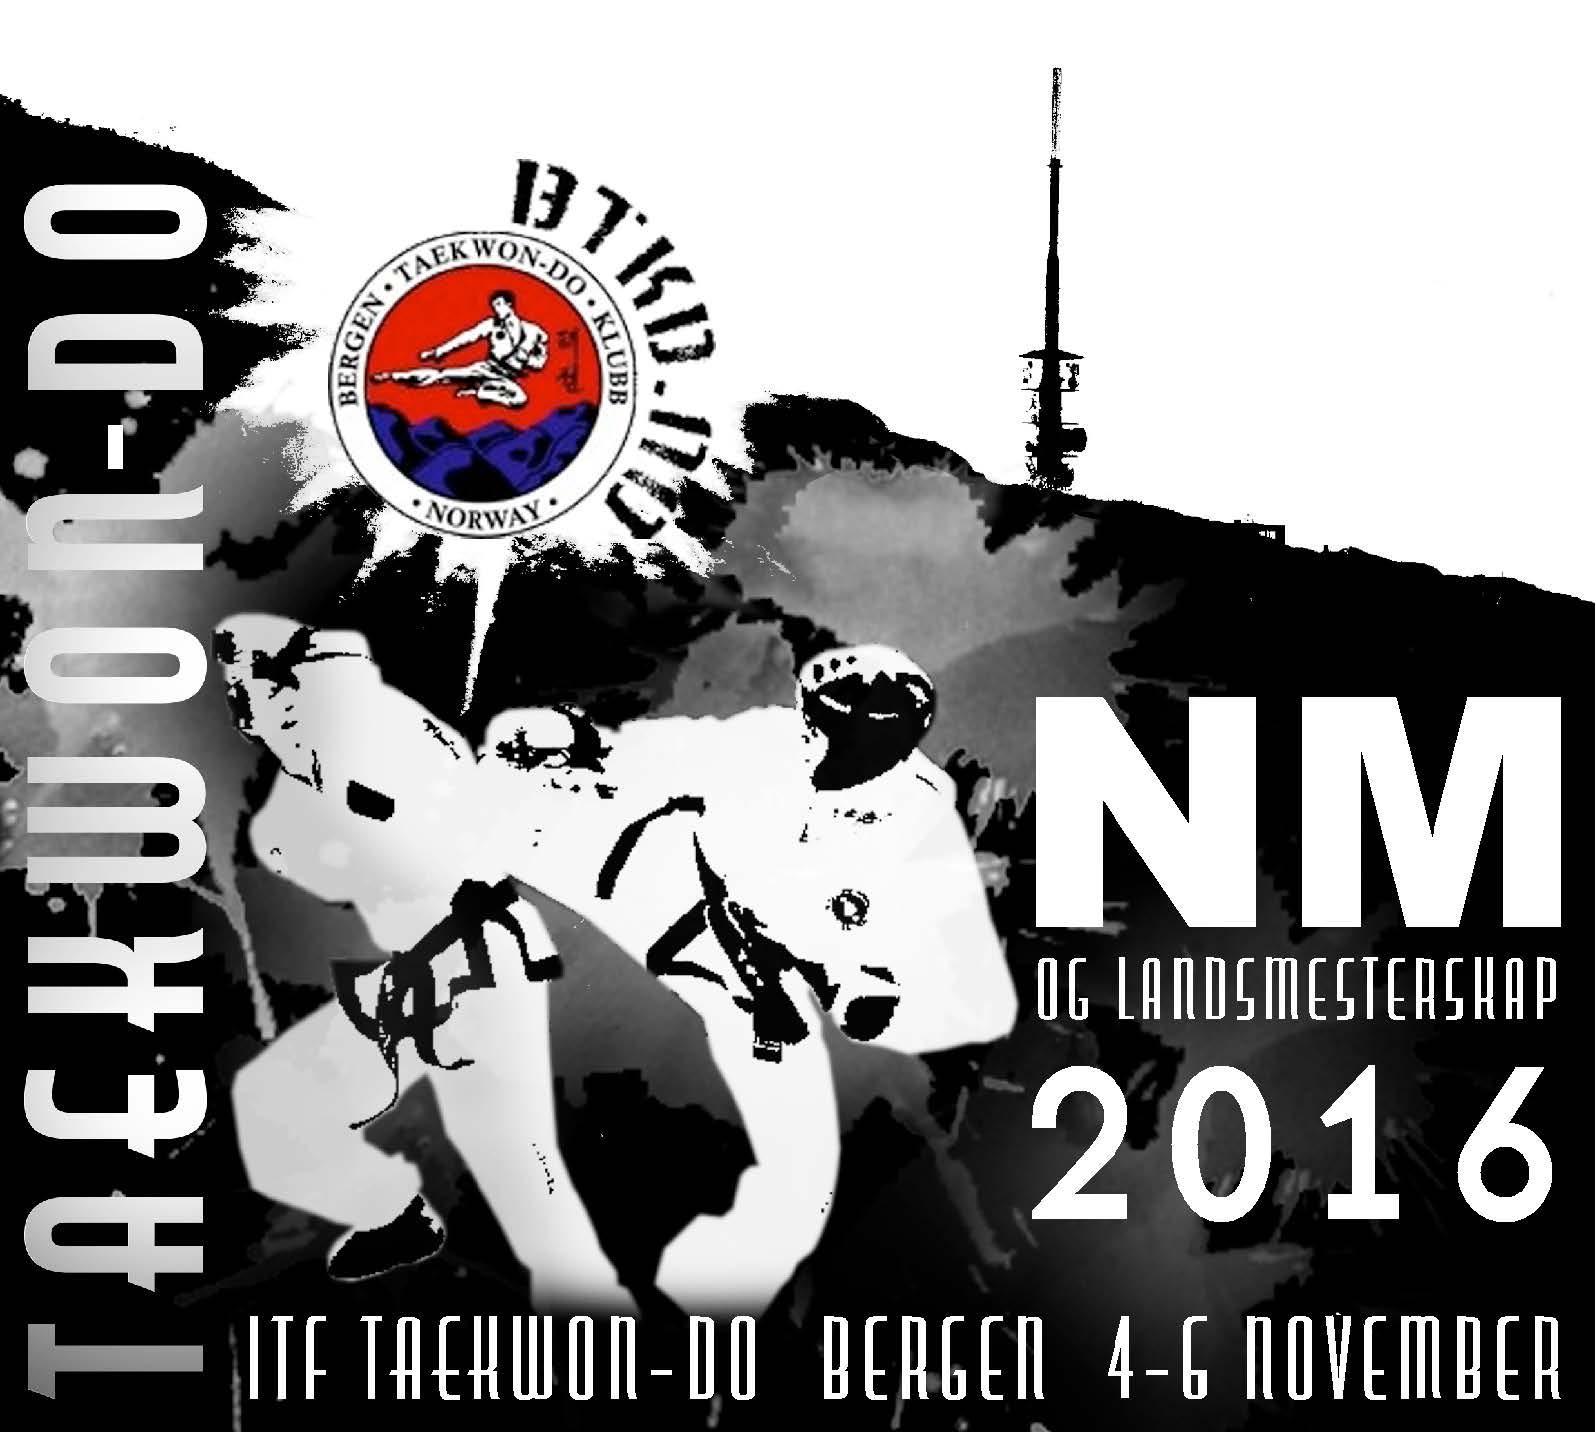 NORGESMESTERSKAP OG LANDSMESTERSKAP I ITF TAEKWON-DO 2016